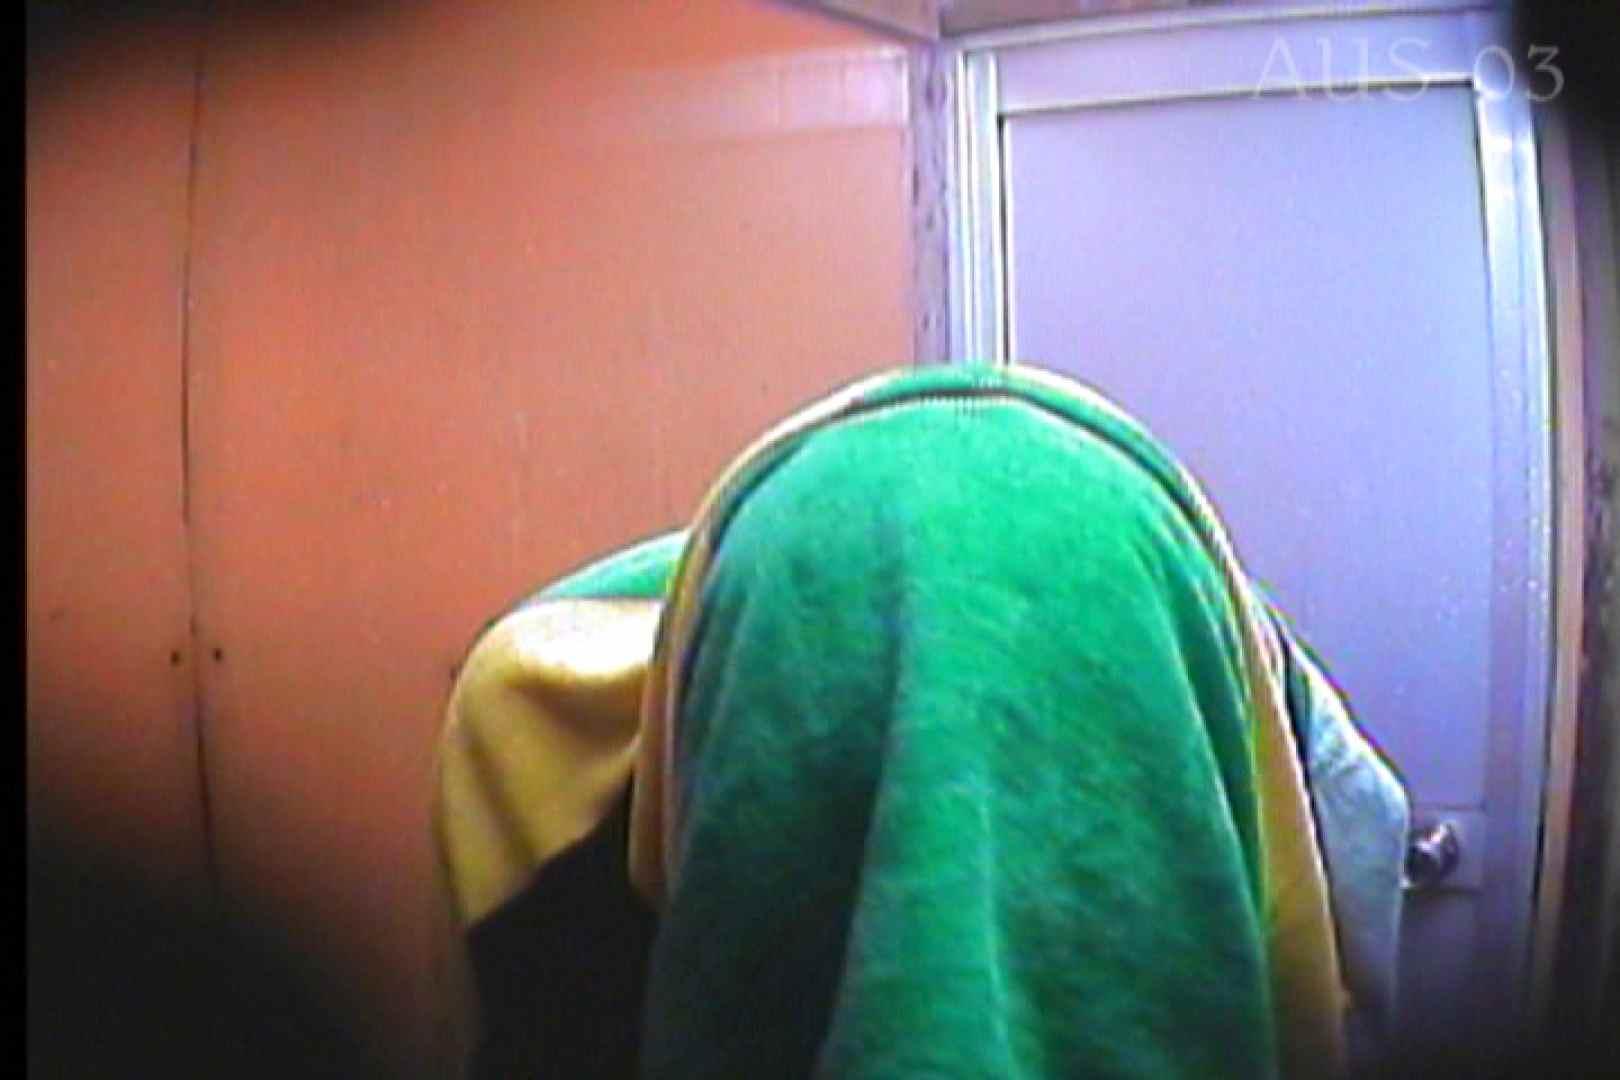 海の家の更衣室 Vol.11 シャワー オメコ動画キャプチャ 57PIX 50